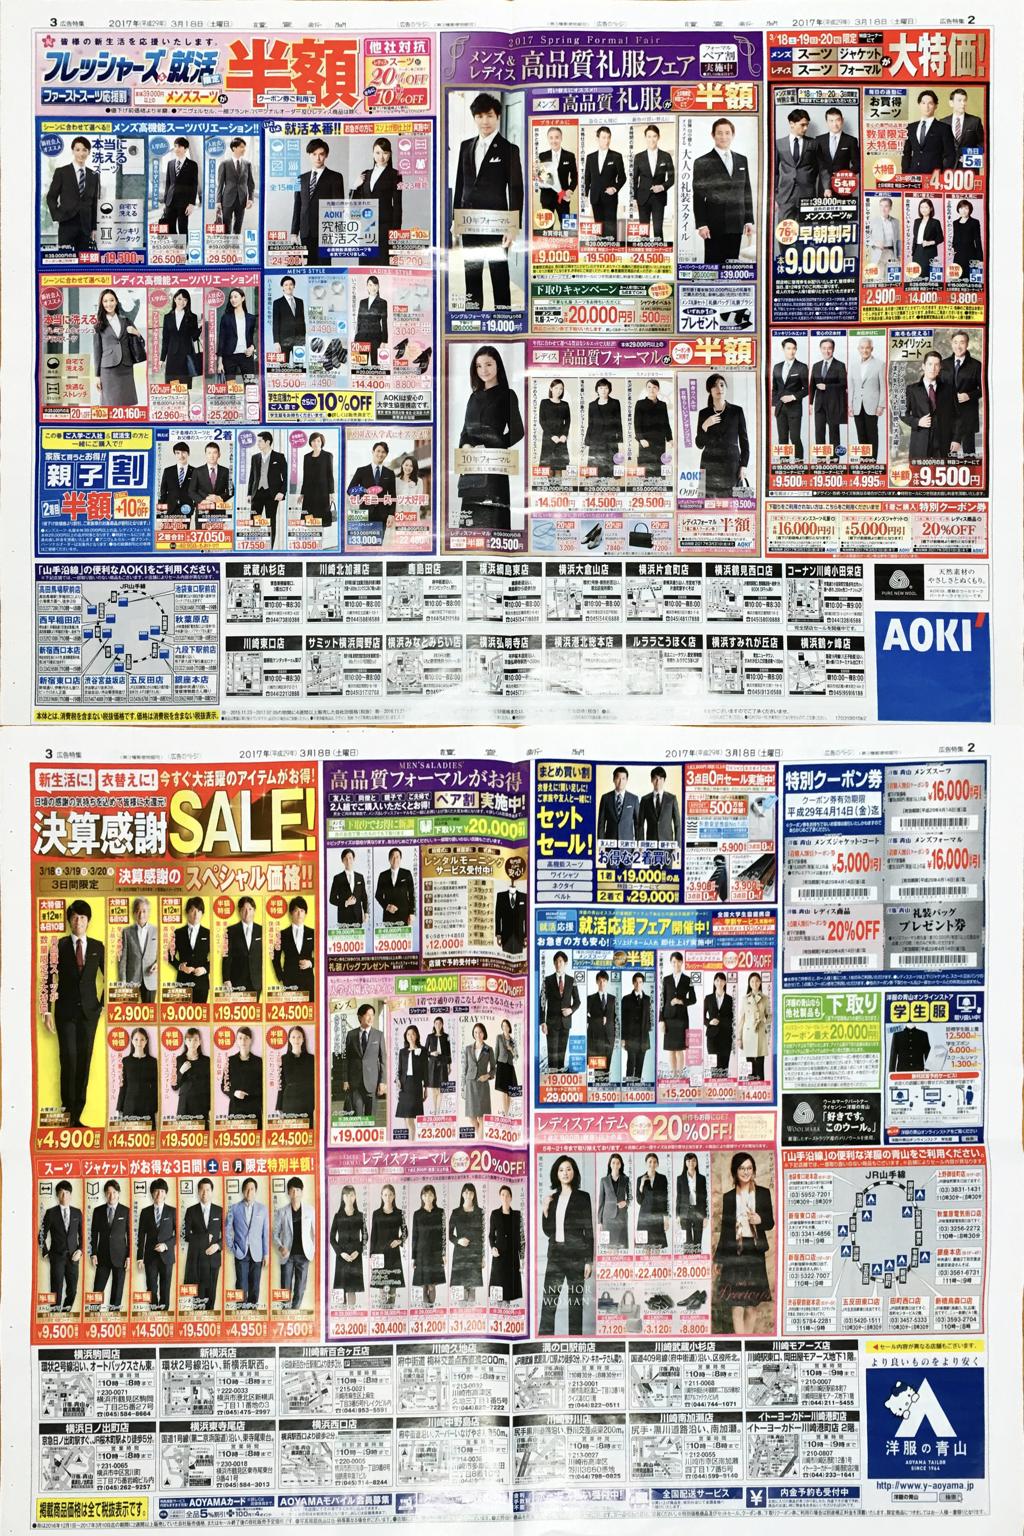 http://blogs.itmedia.co.jp/narisako/2017/03/18/e32cbd9f4c3e05f1645f47fee7c5e8d2b54e7aca.png